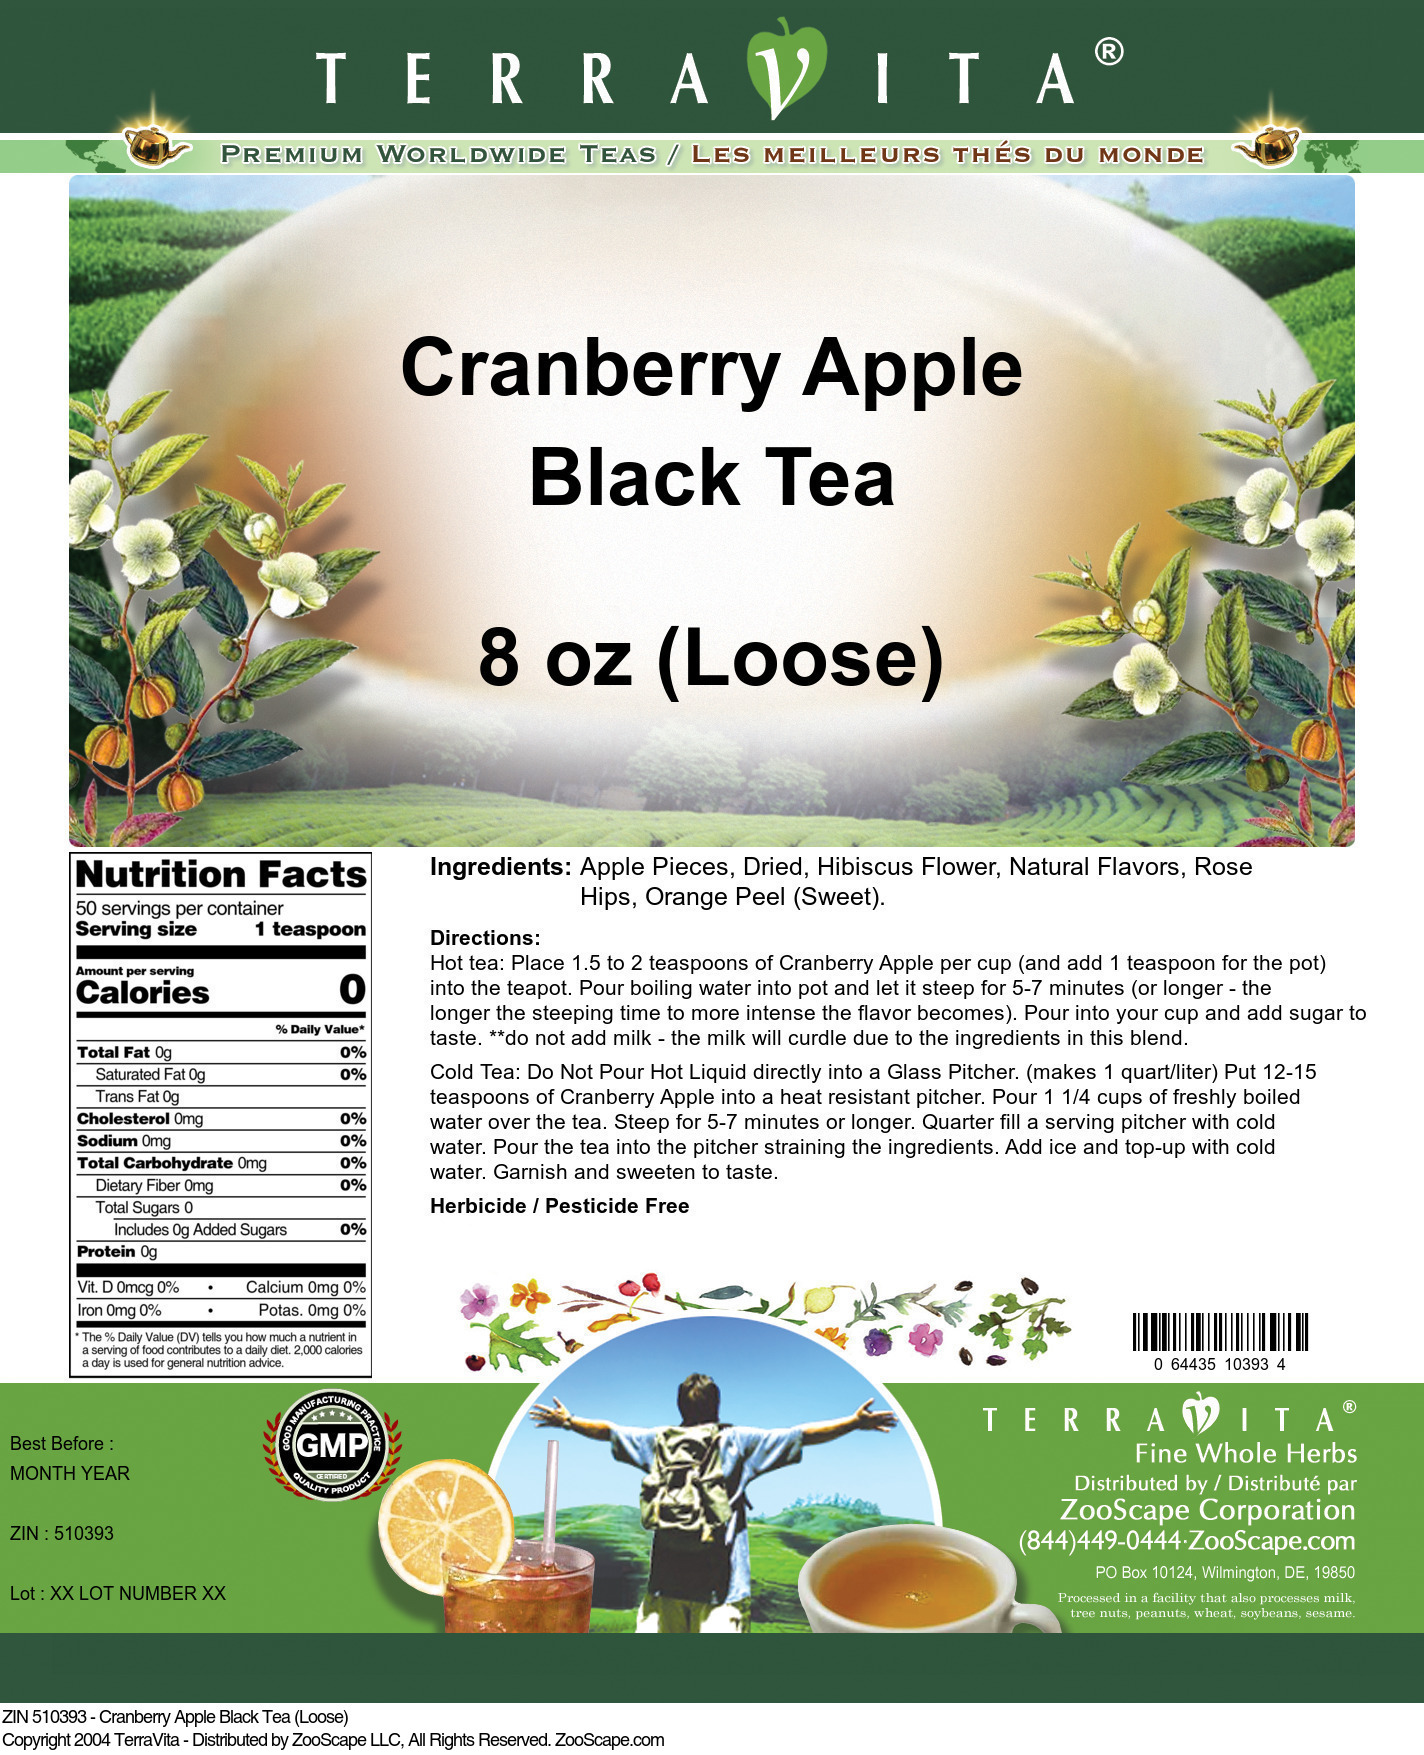 Cranberry Apple Black Tea (Loose)